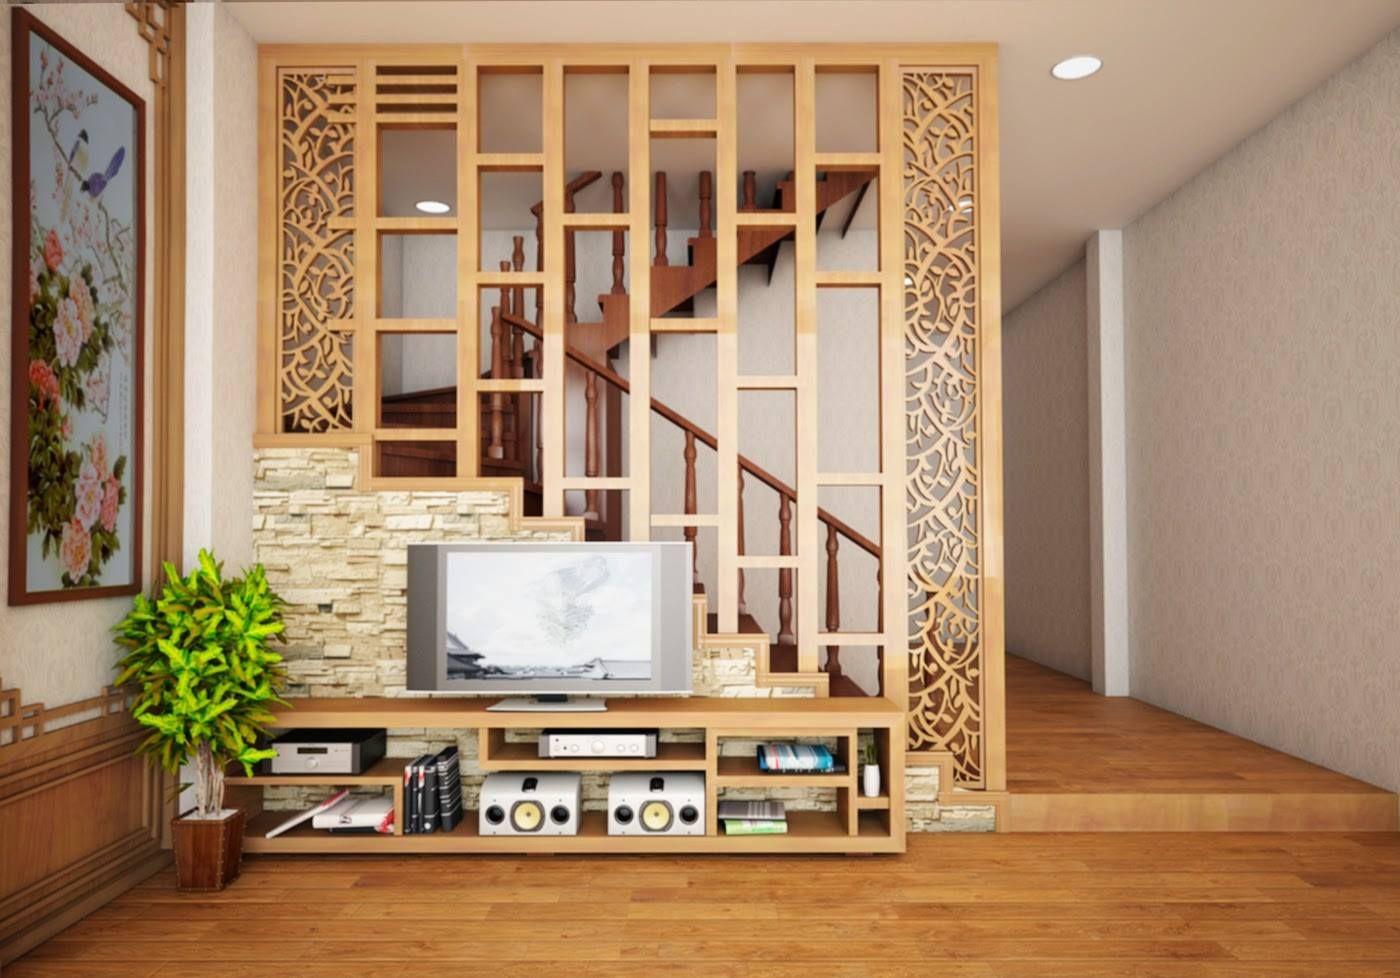 Wood Divider Hmm Room Partition Designs Living Room Partition Design Living Room Divider